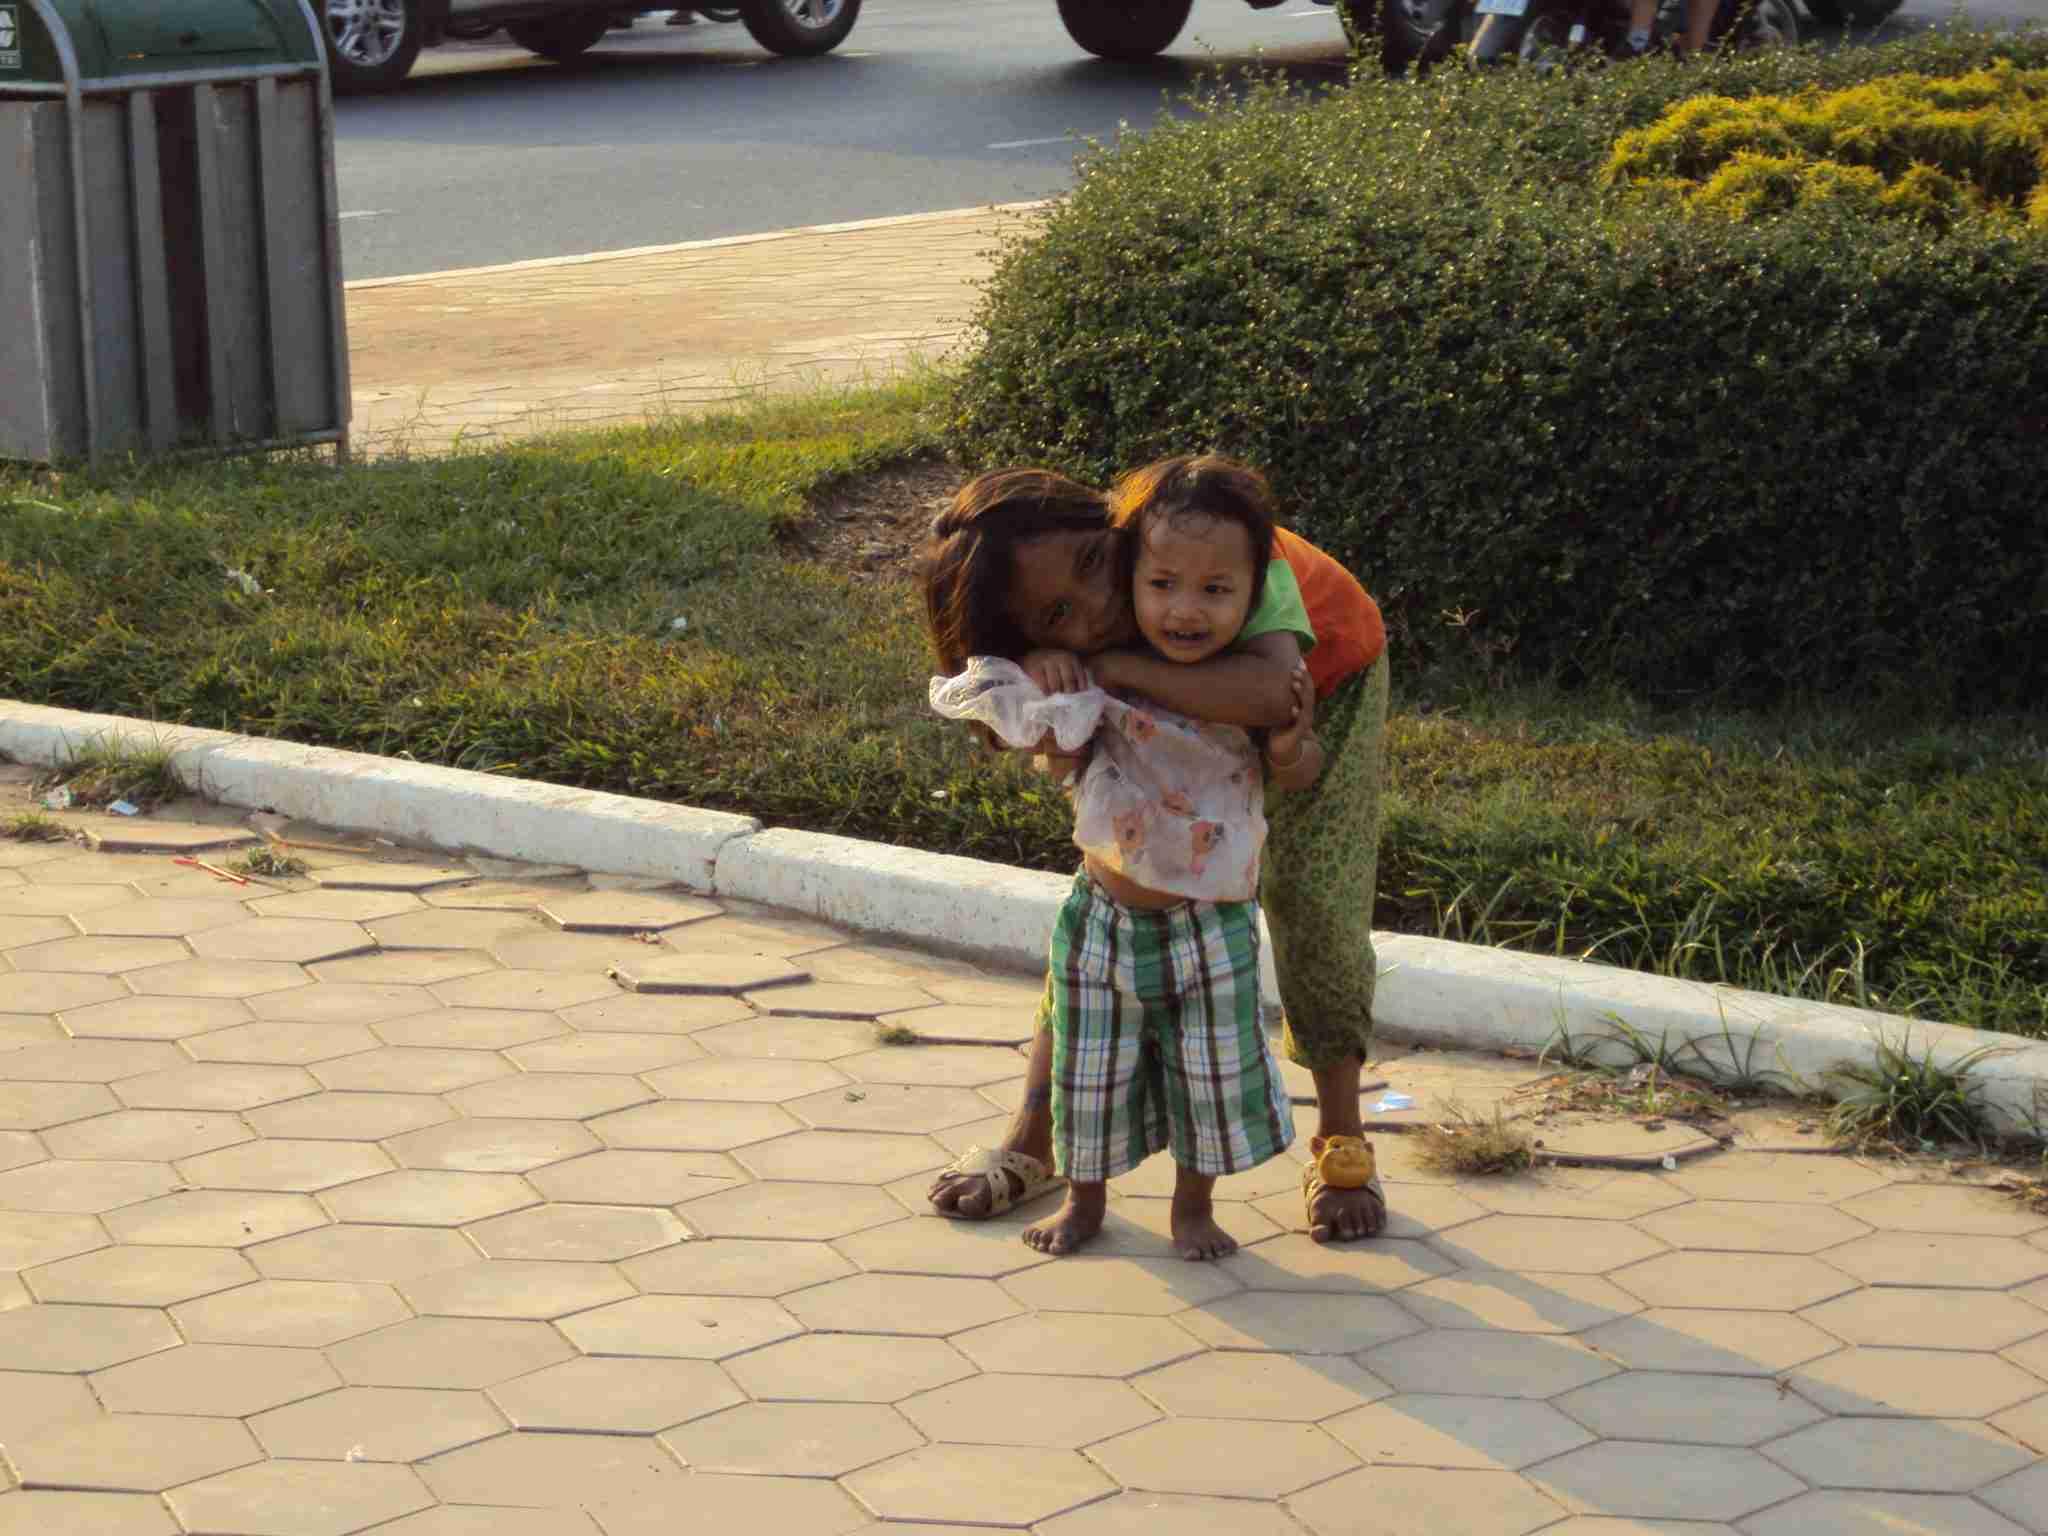 Street kids in Phnom Penh